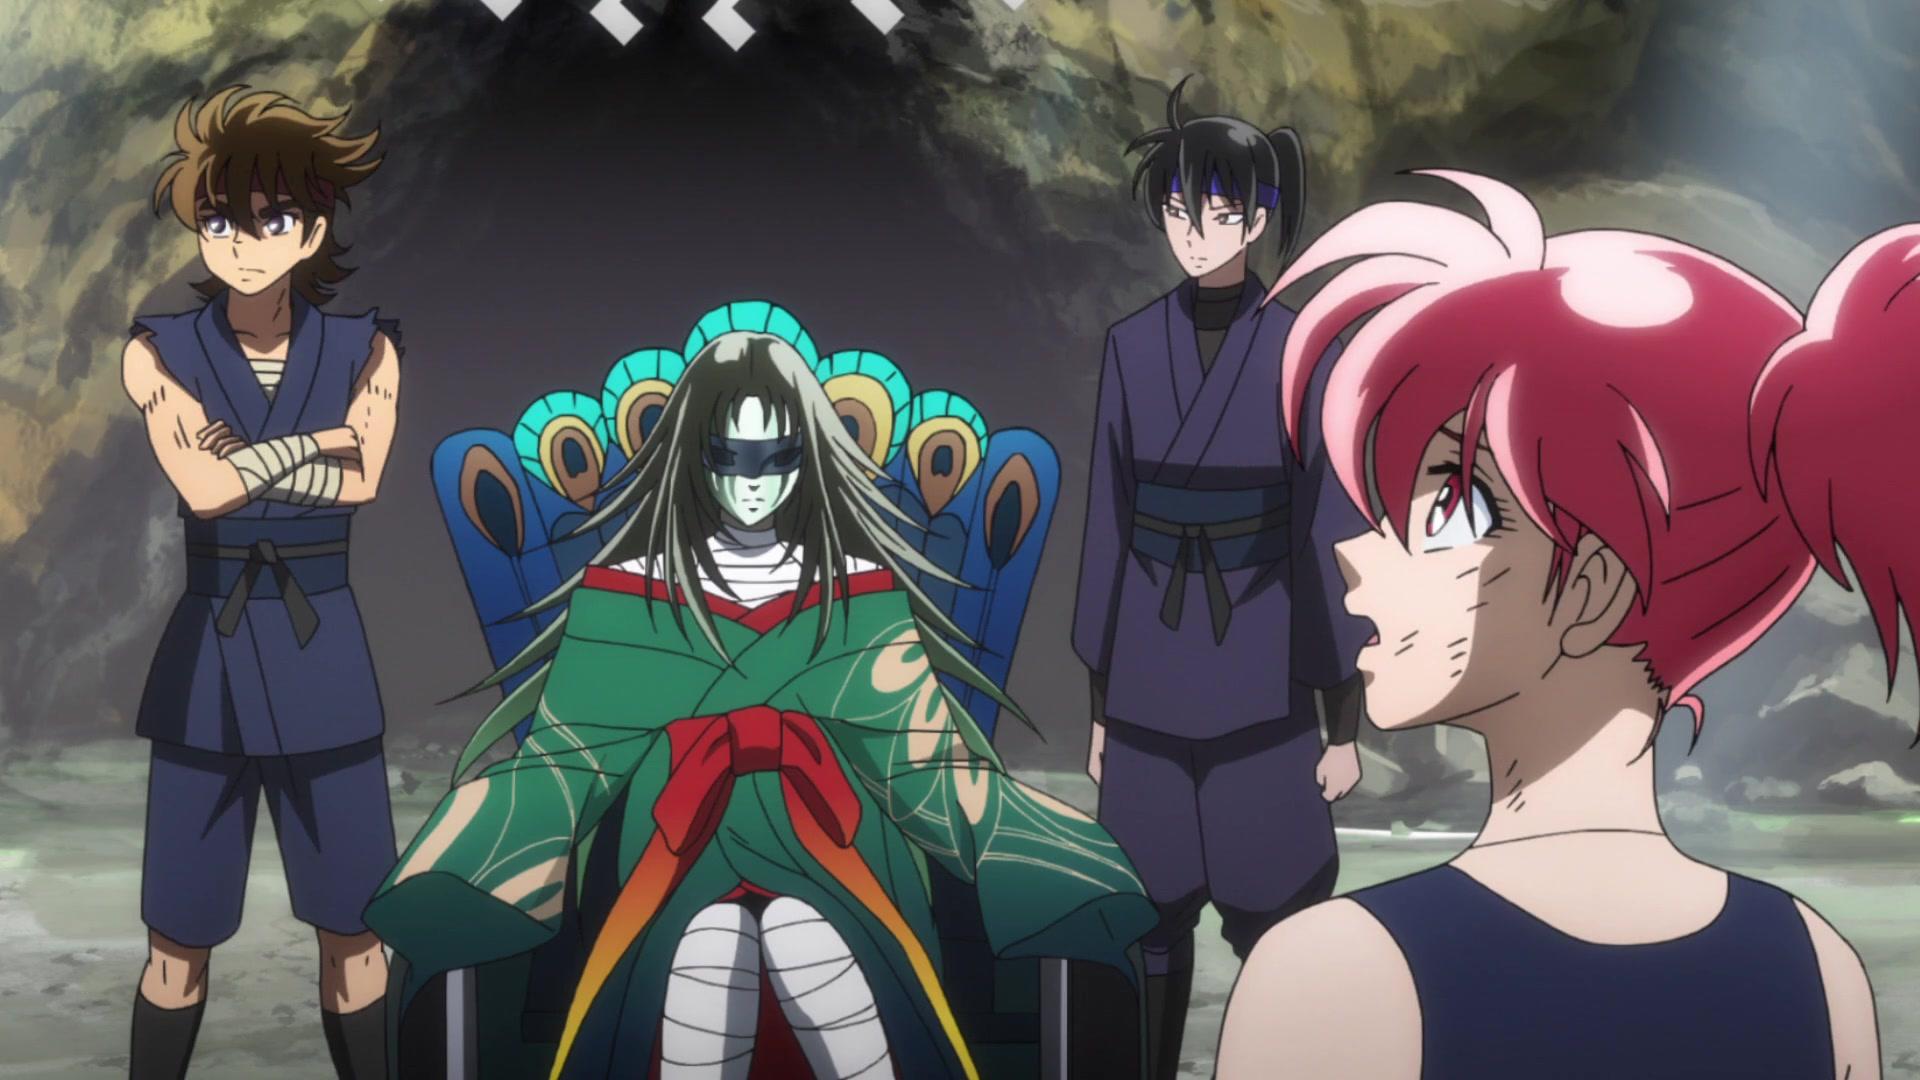 Cavaleiros do Zodíaco: Saintia Shô | Anime decepciona por baixa qualidade